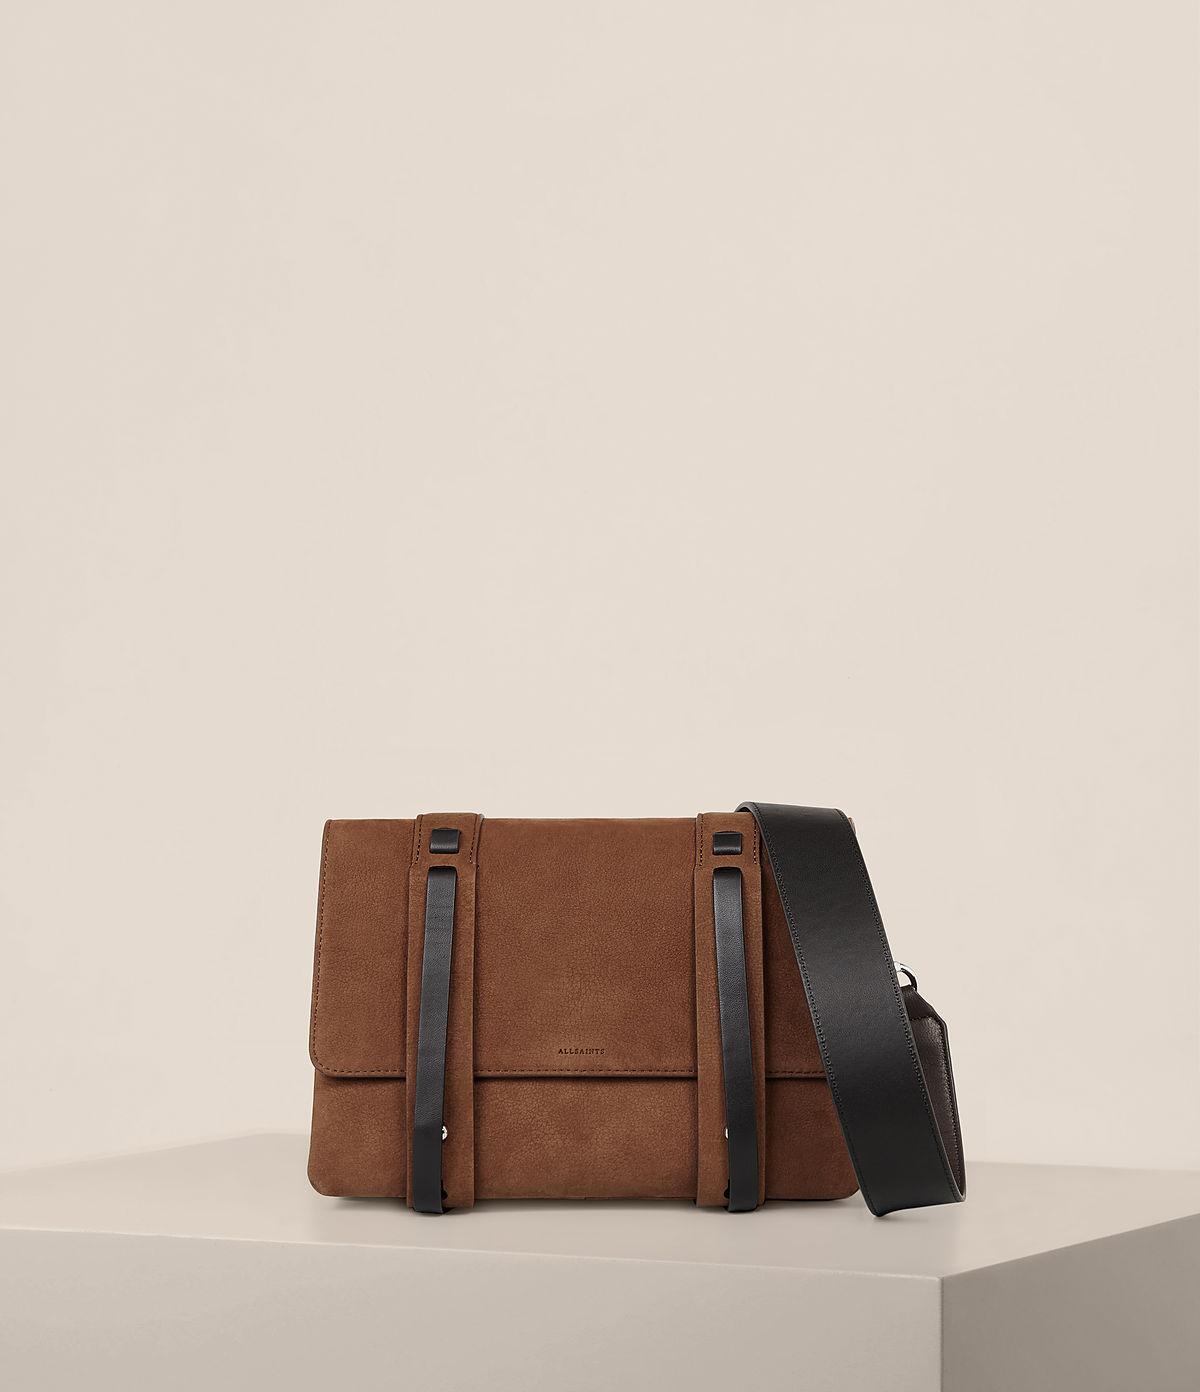 fin-box-bag